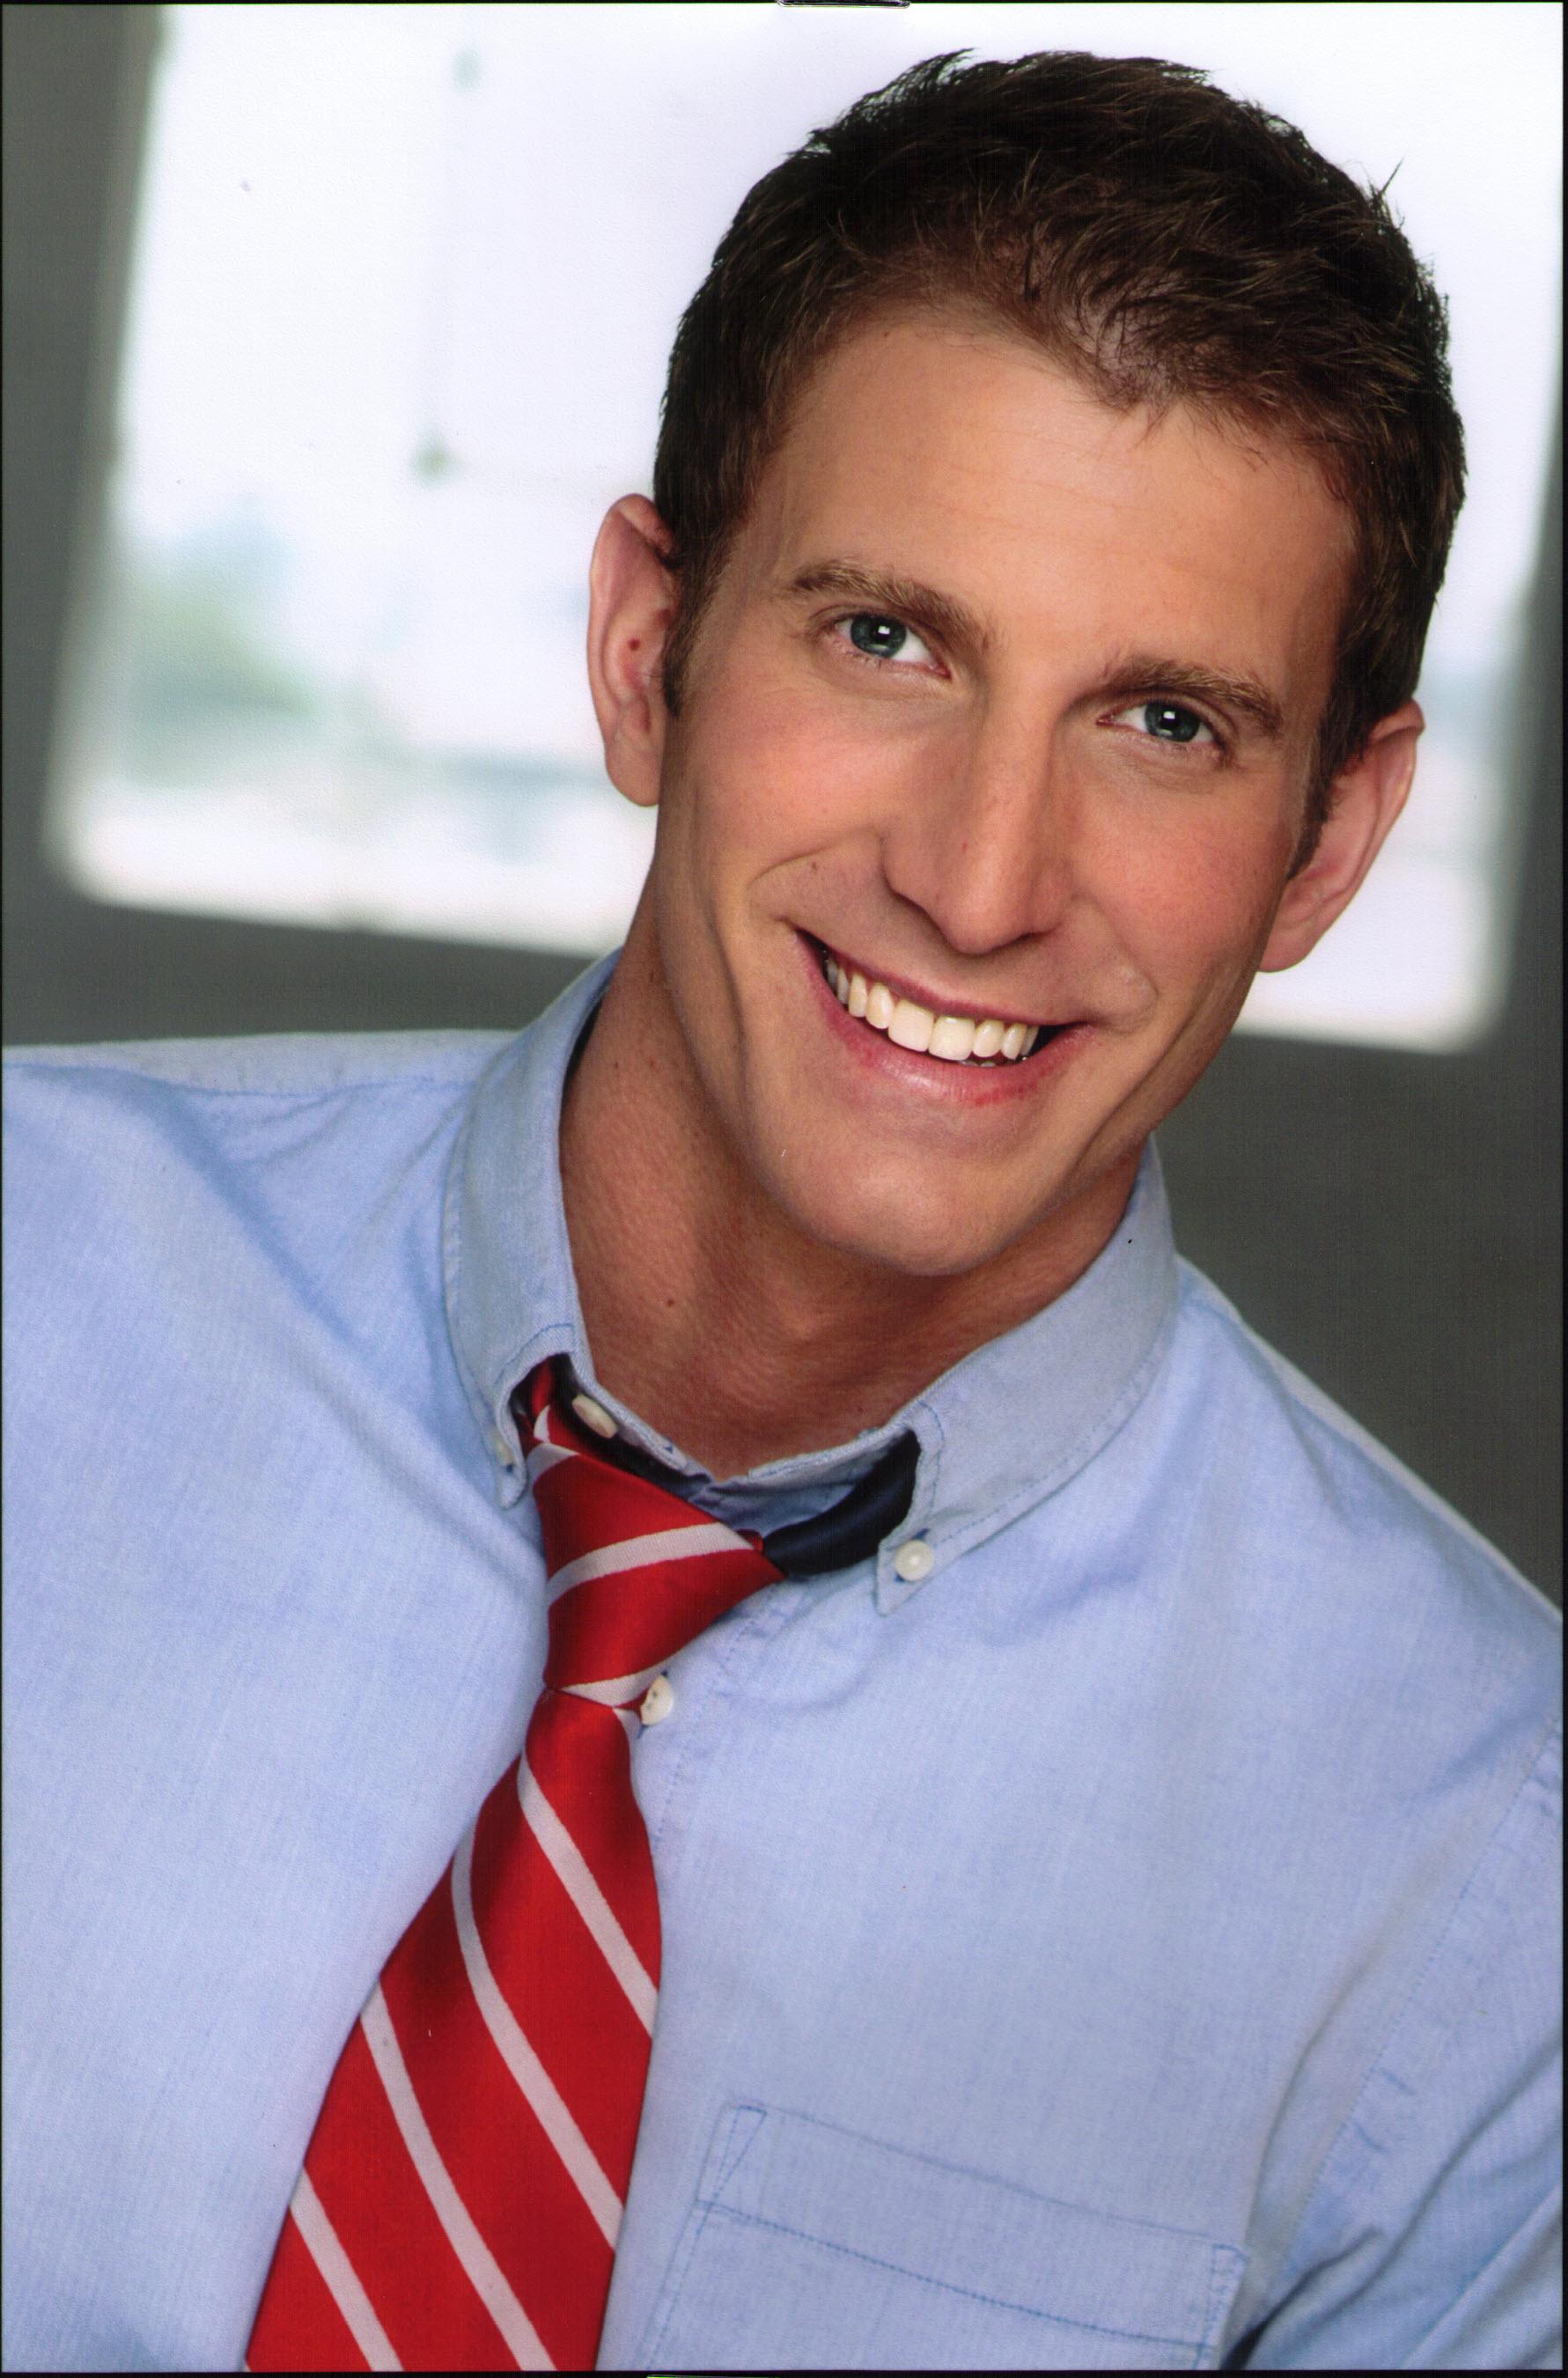 Travis Oakden